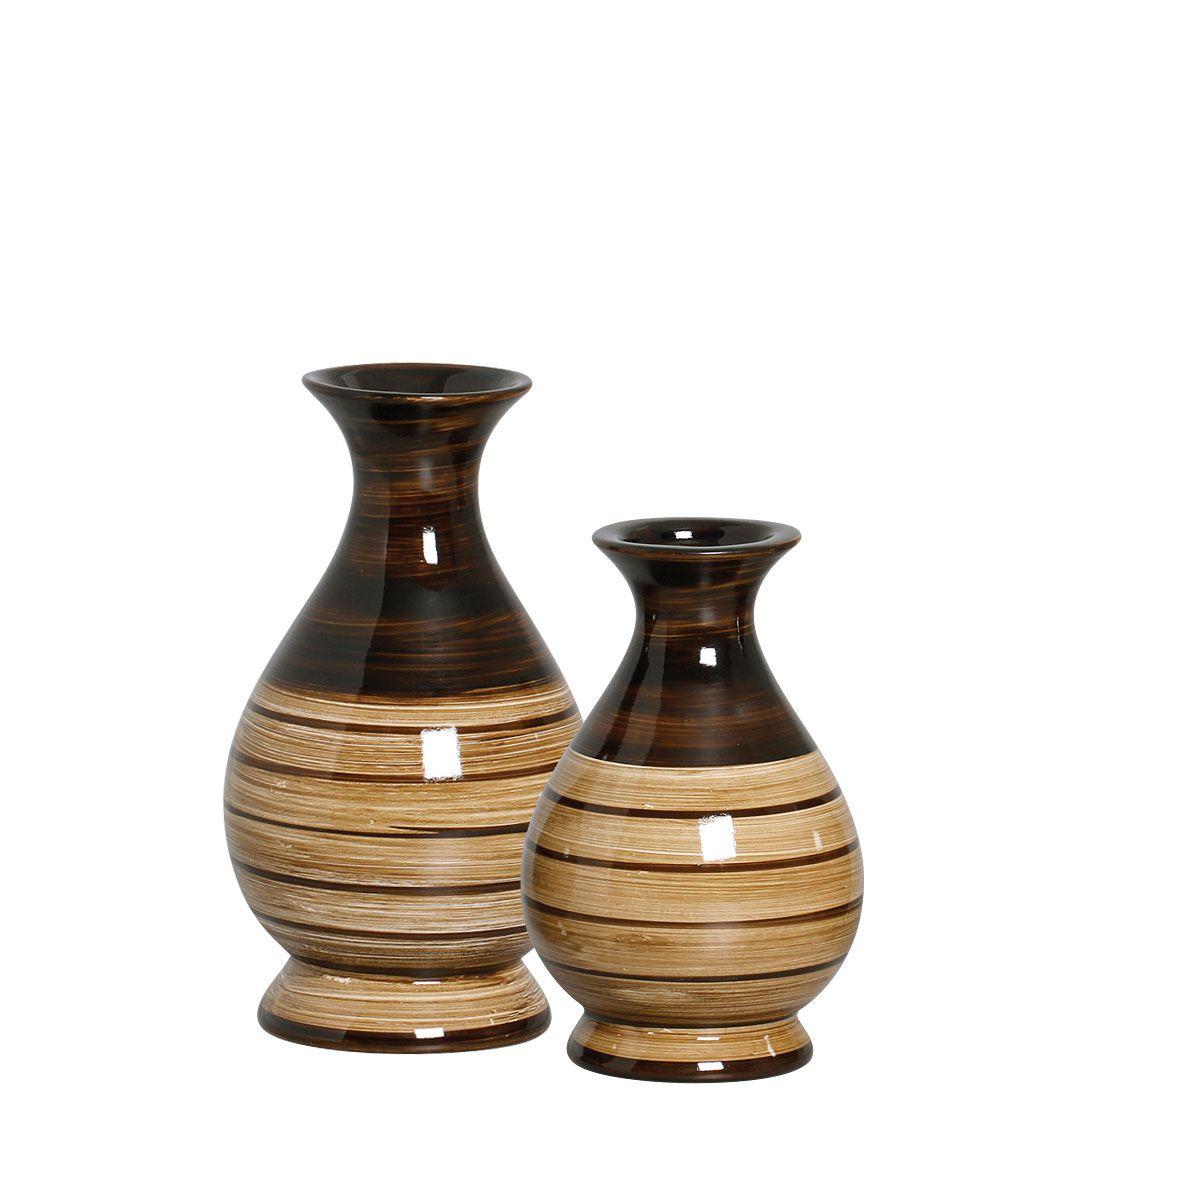 Dupla de Vasos da Linha Toscana P/ Decoração.